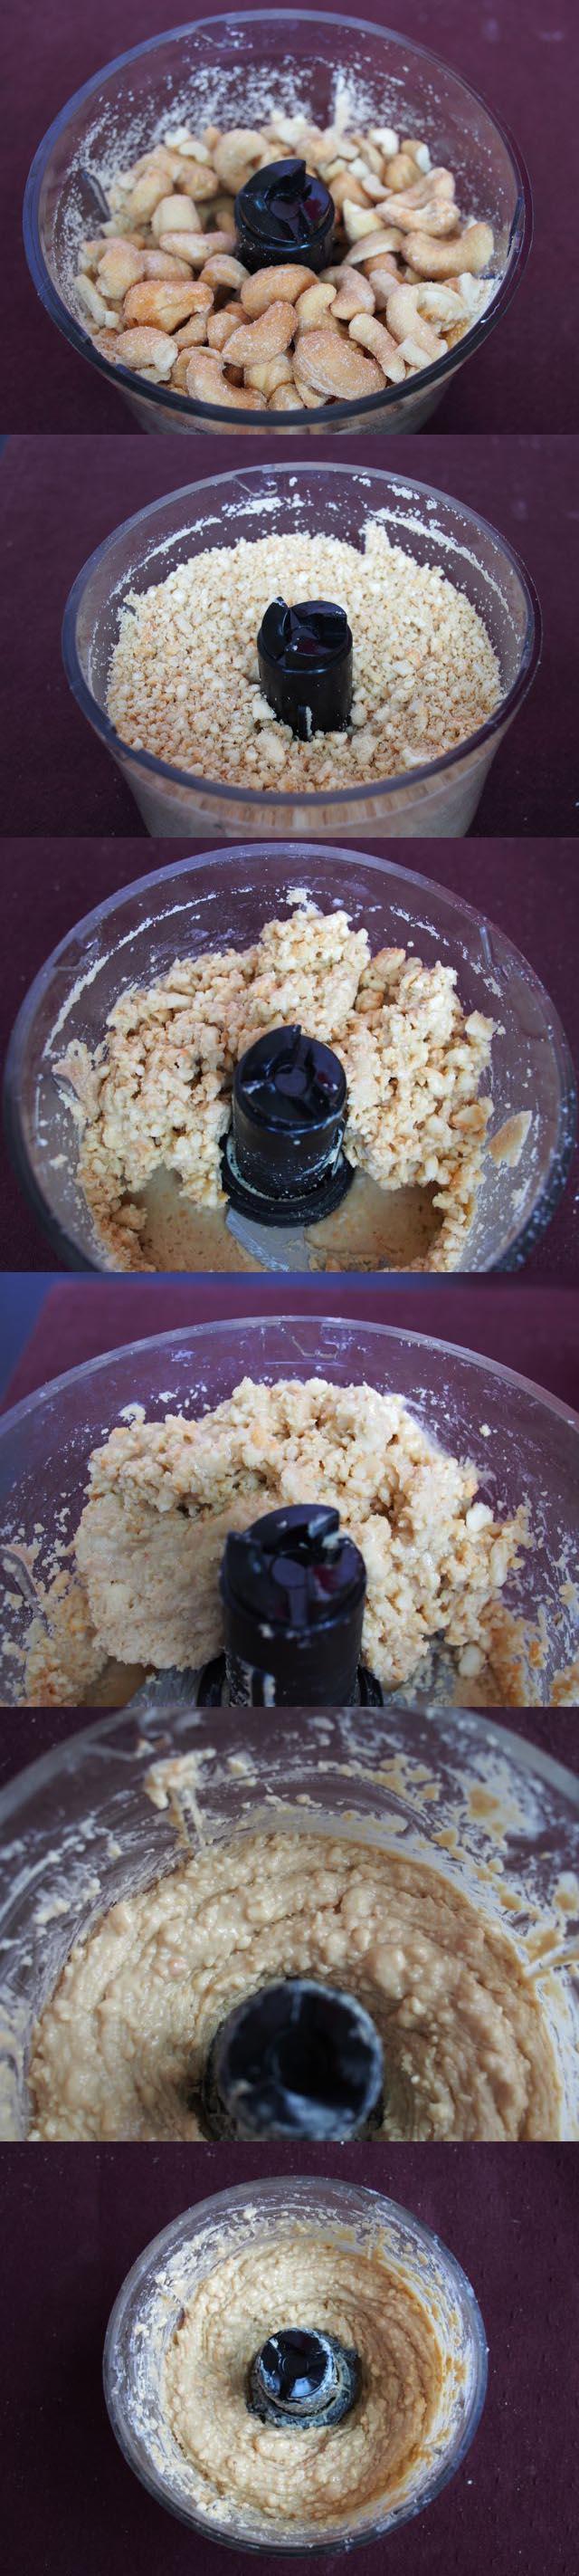 Cashew Nut Butter Process